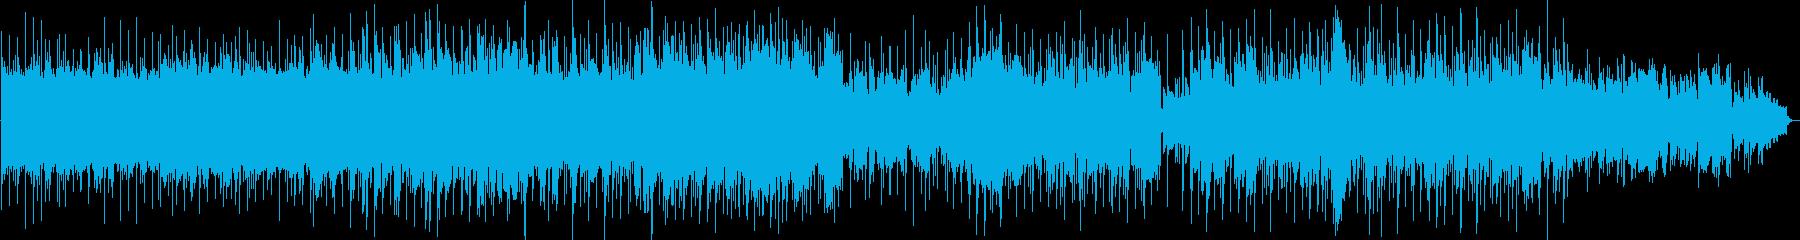 法人 感情的 説明的 静か ハイテ...の再生済みの波形